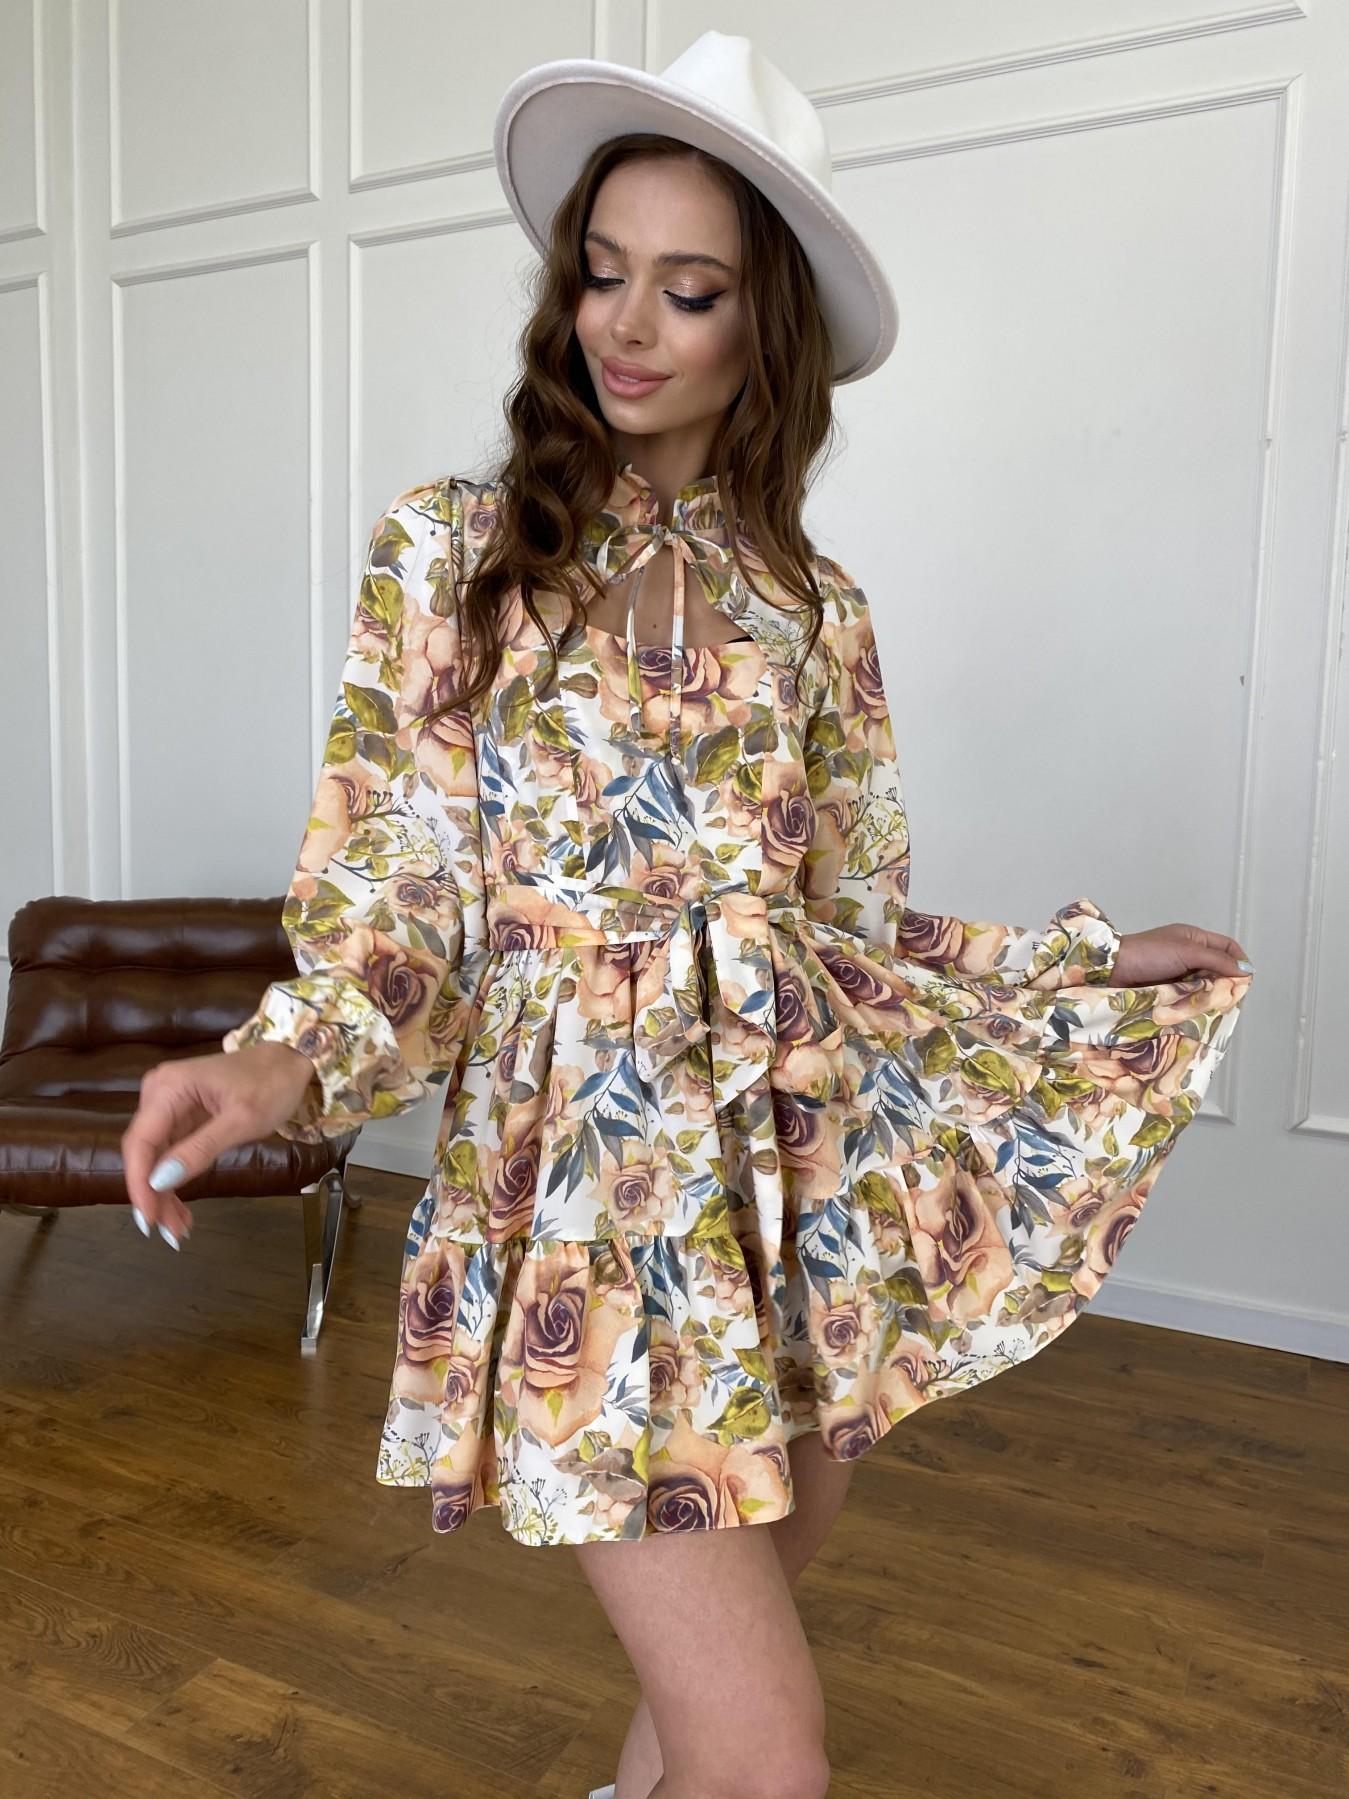 Марселла платье  софт принт бистрейч 11200 АРТ. 47710 Цвет: Кр.розы/молоко/персик - фото 7, интернет магазин tm-modus.ru